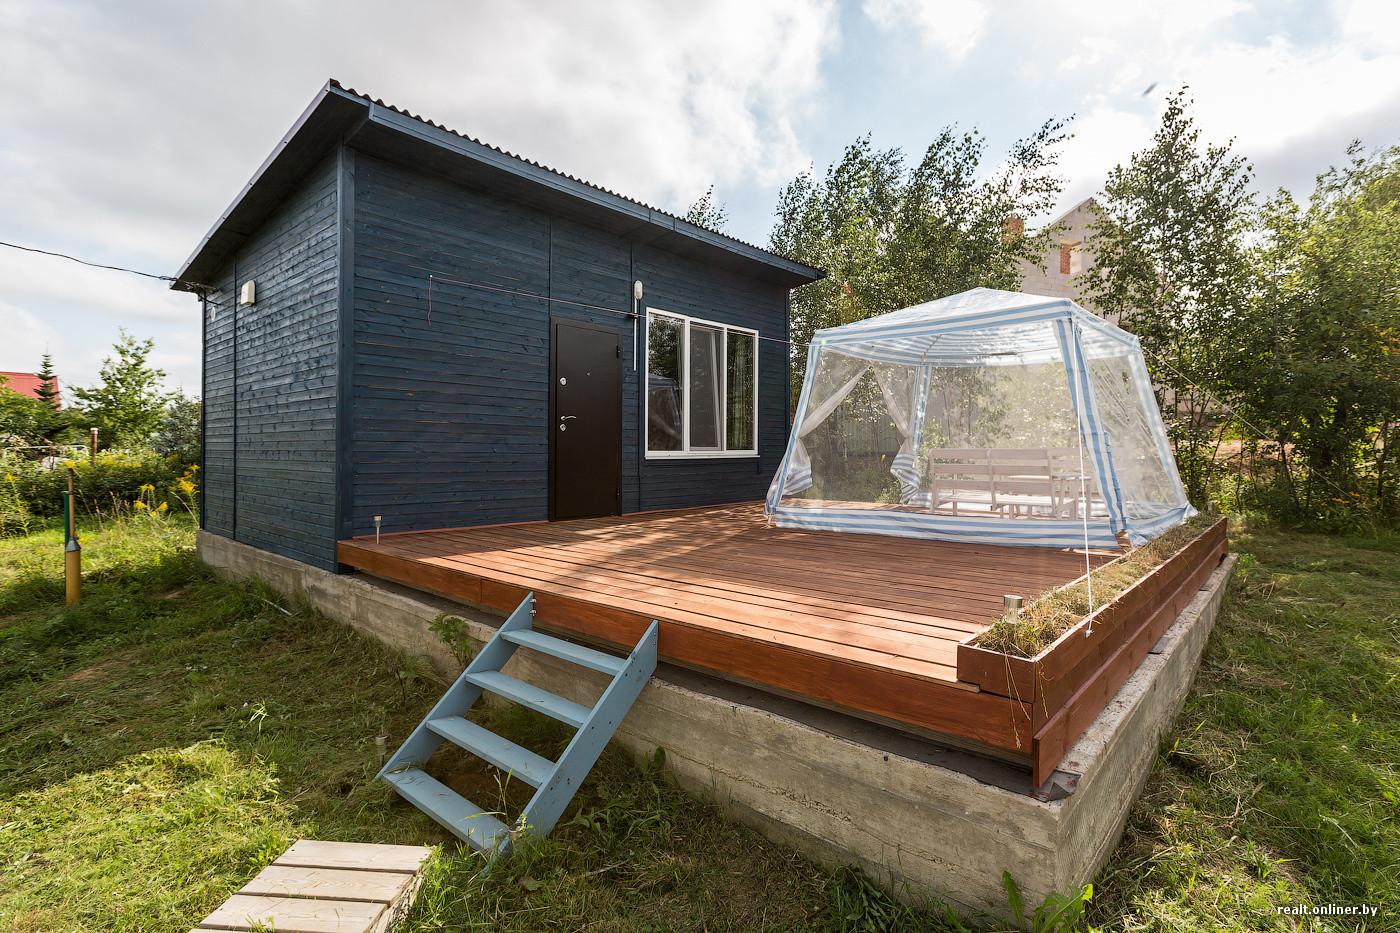 Как построить дом своими руками в беларуси